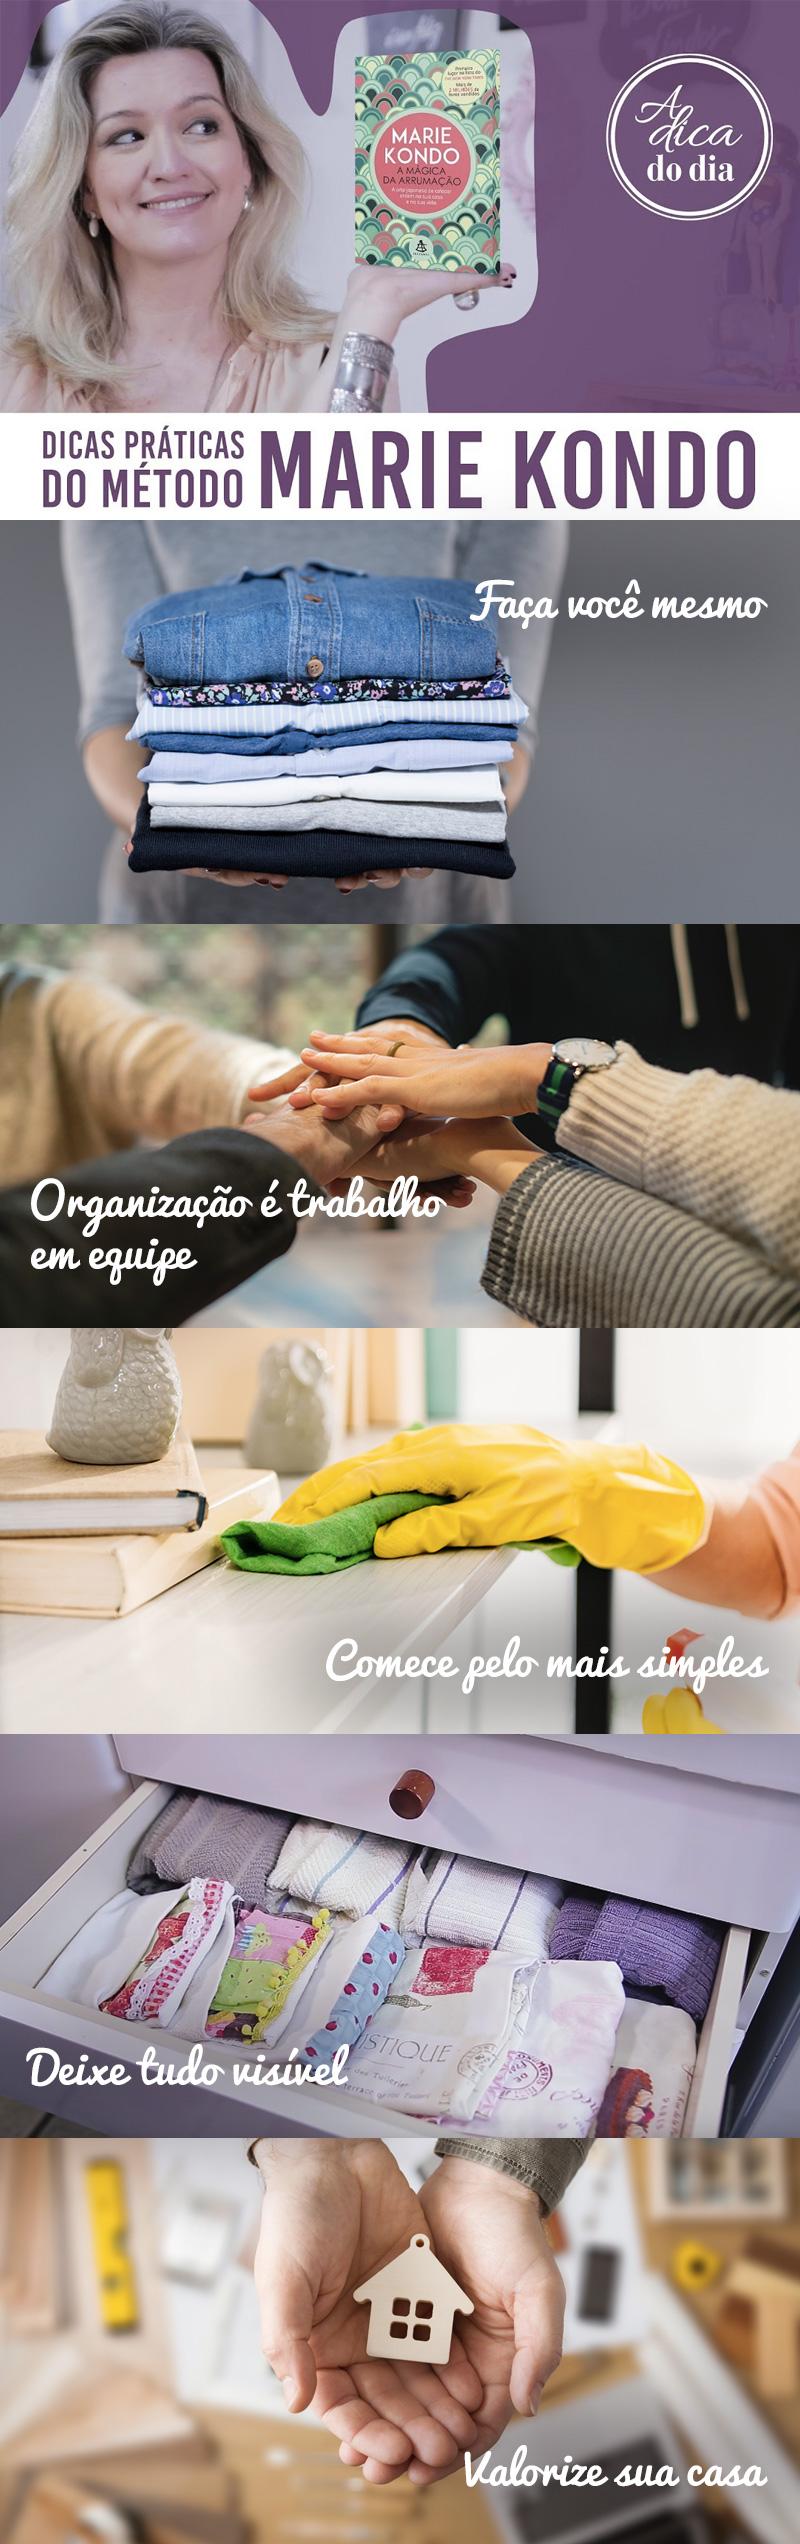 dicas práticas de organização do método marie kondo a dica do dia